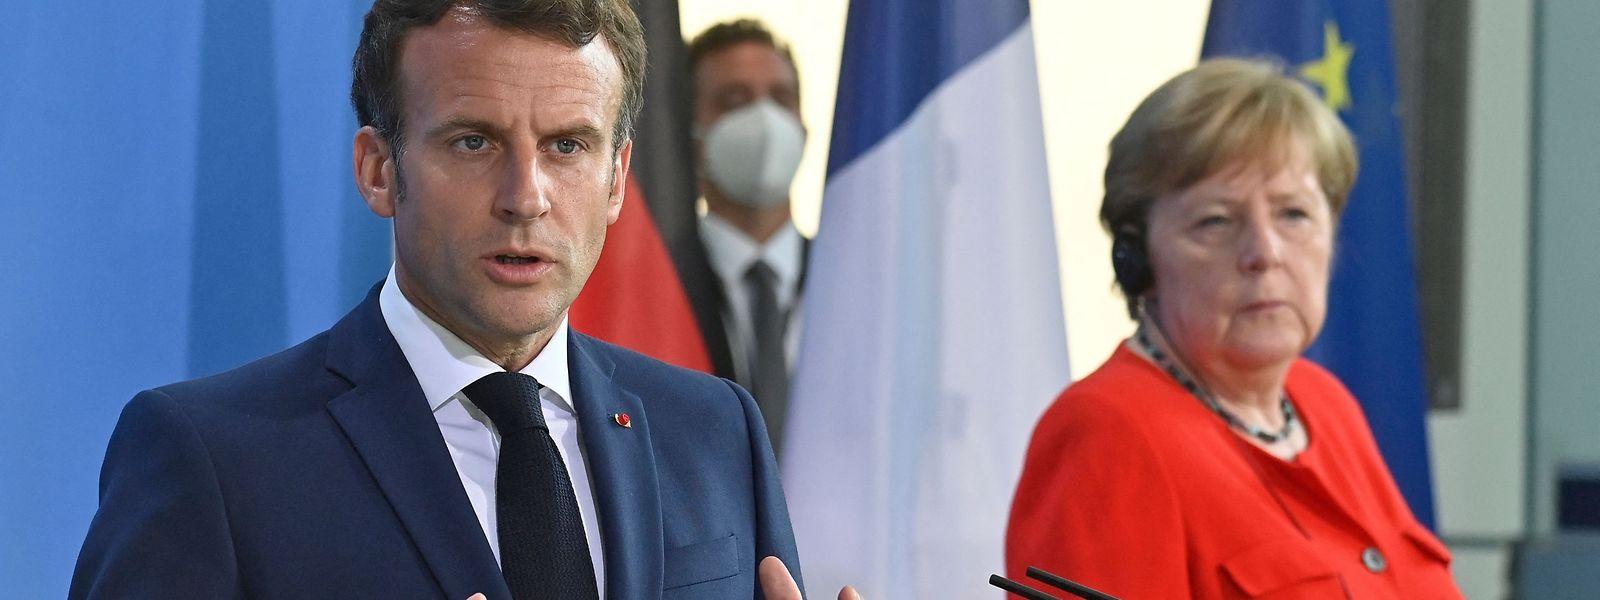 Frankreichs Präsident Emmanuel Macron blickt mit Spannung auf die Frage, wer auf Bundeskanzlerin Angela Merkel folgen wird.